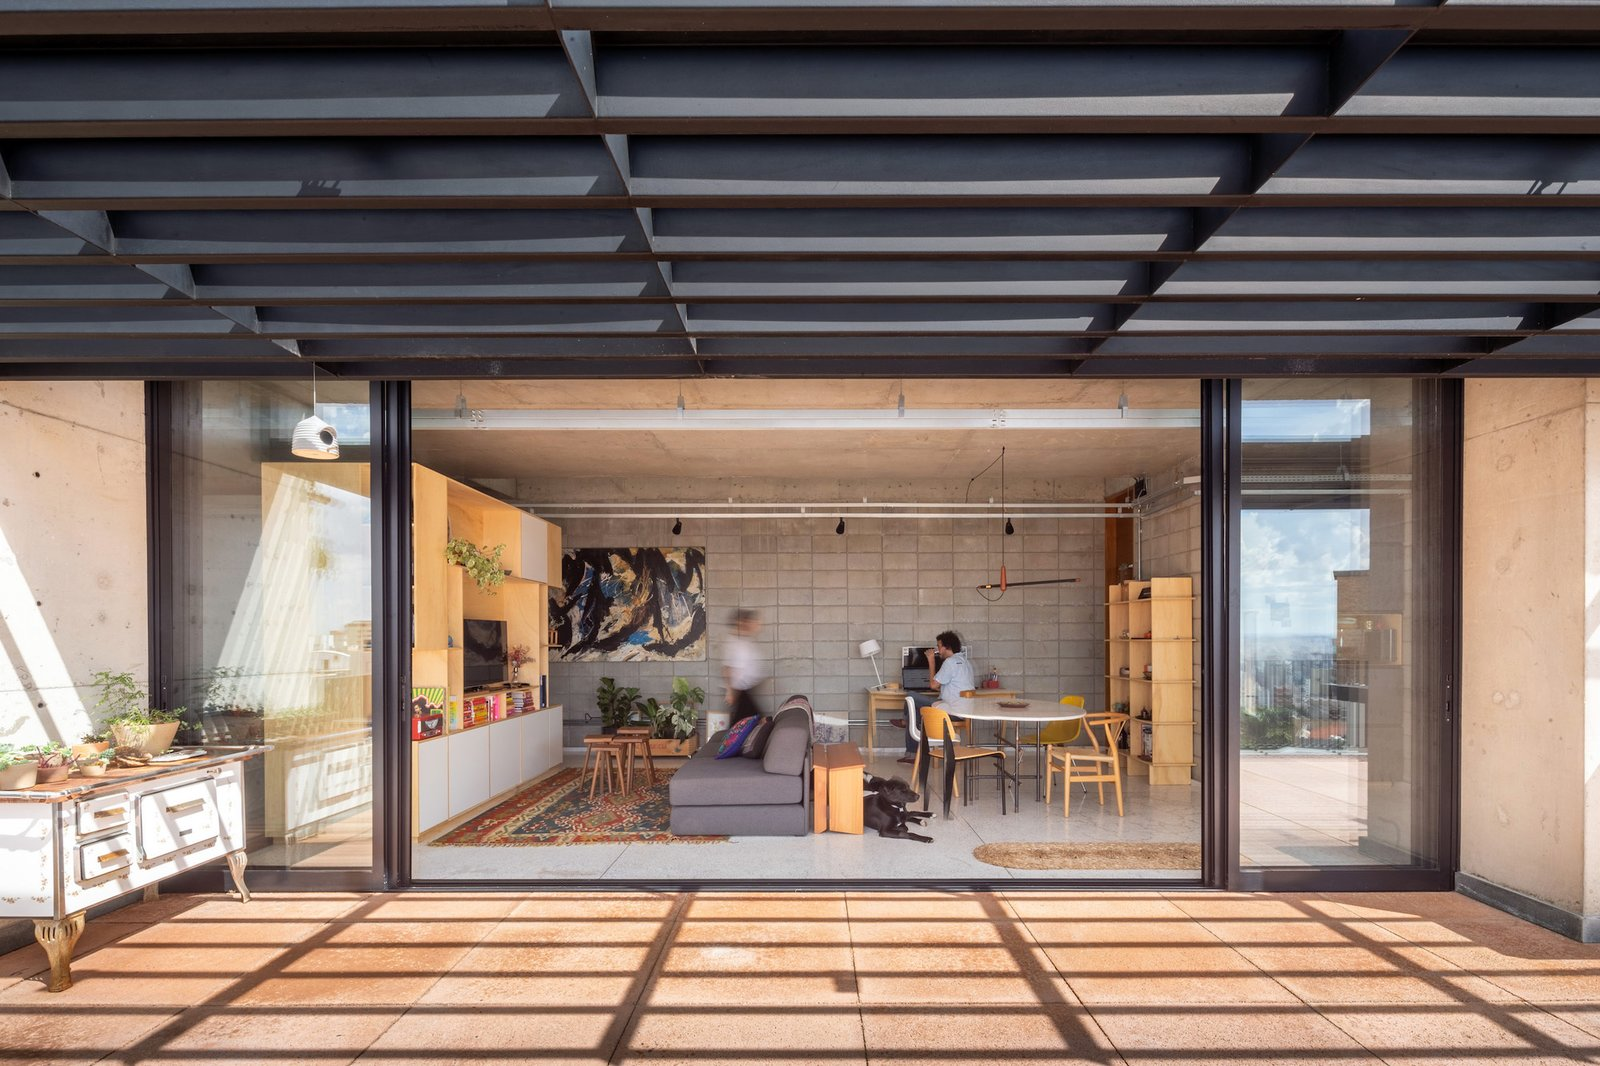 Casa Comiteco by Marcos Franchini and Nattalia Bom Conselho outdoor